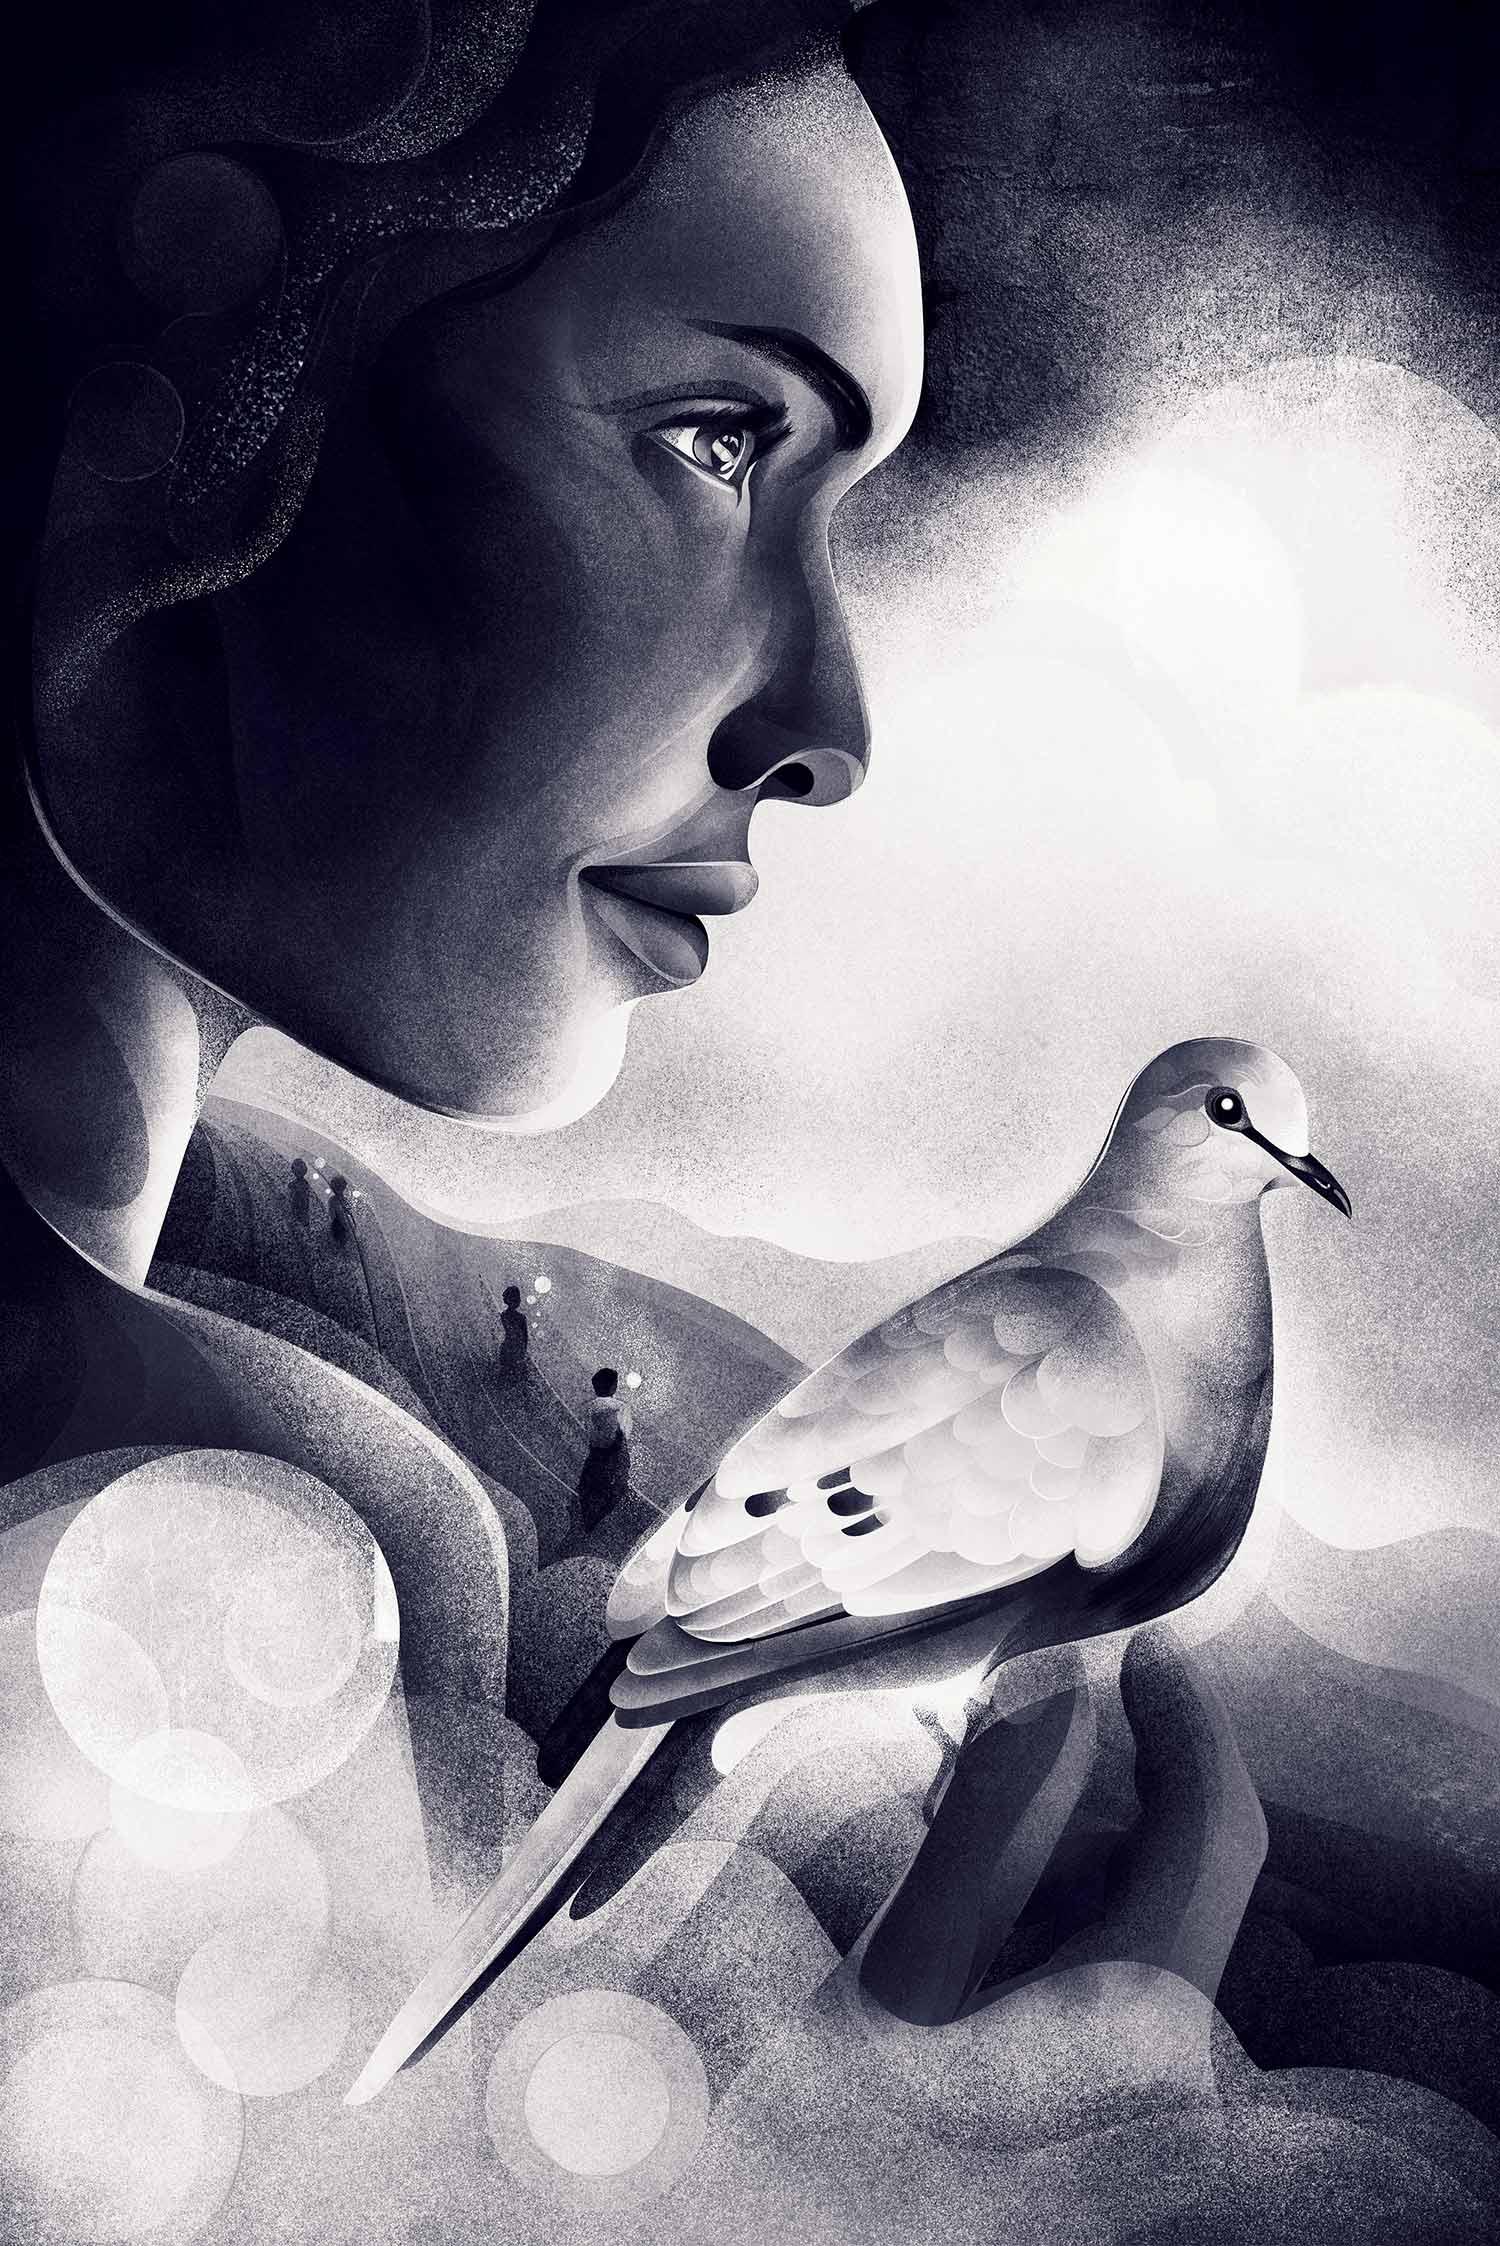 karla_sanders_anarcha_illustration.jpg